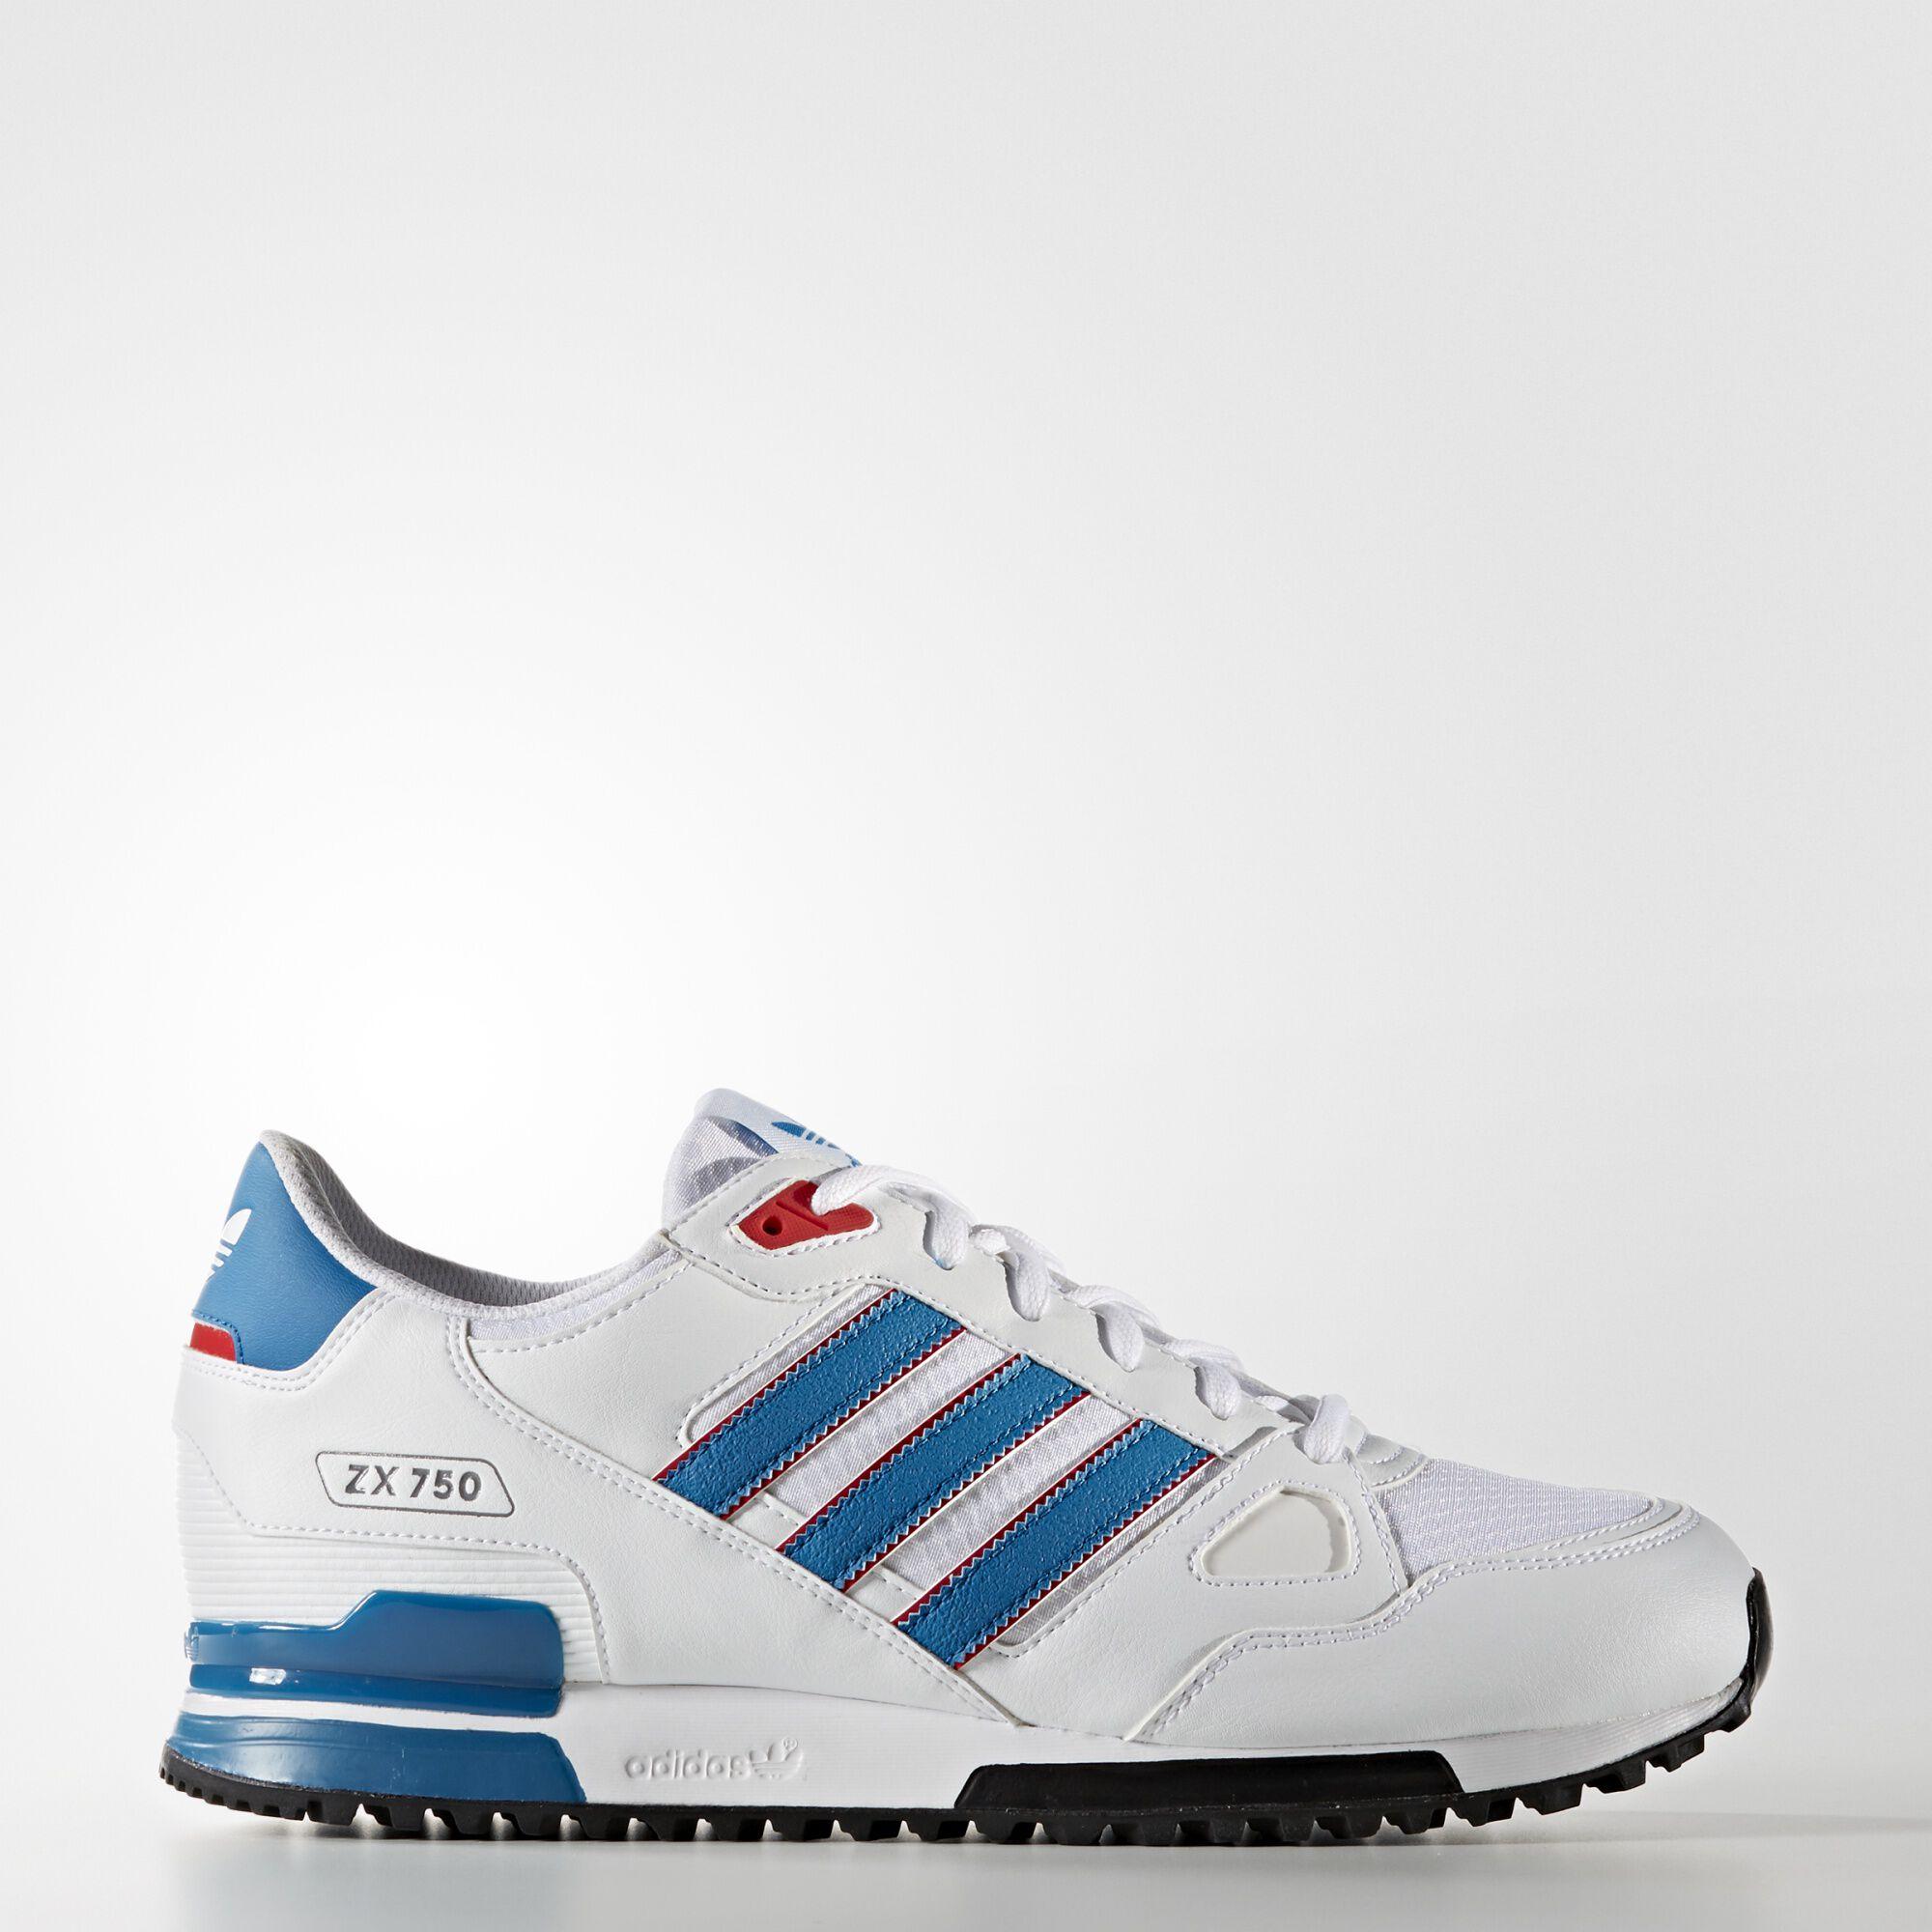 adidas zx 750 precio